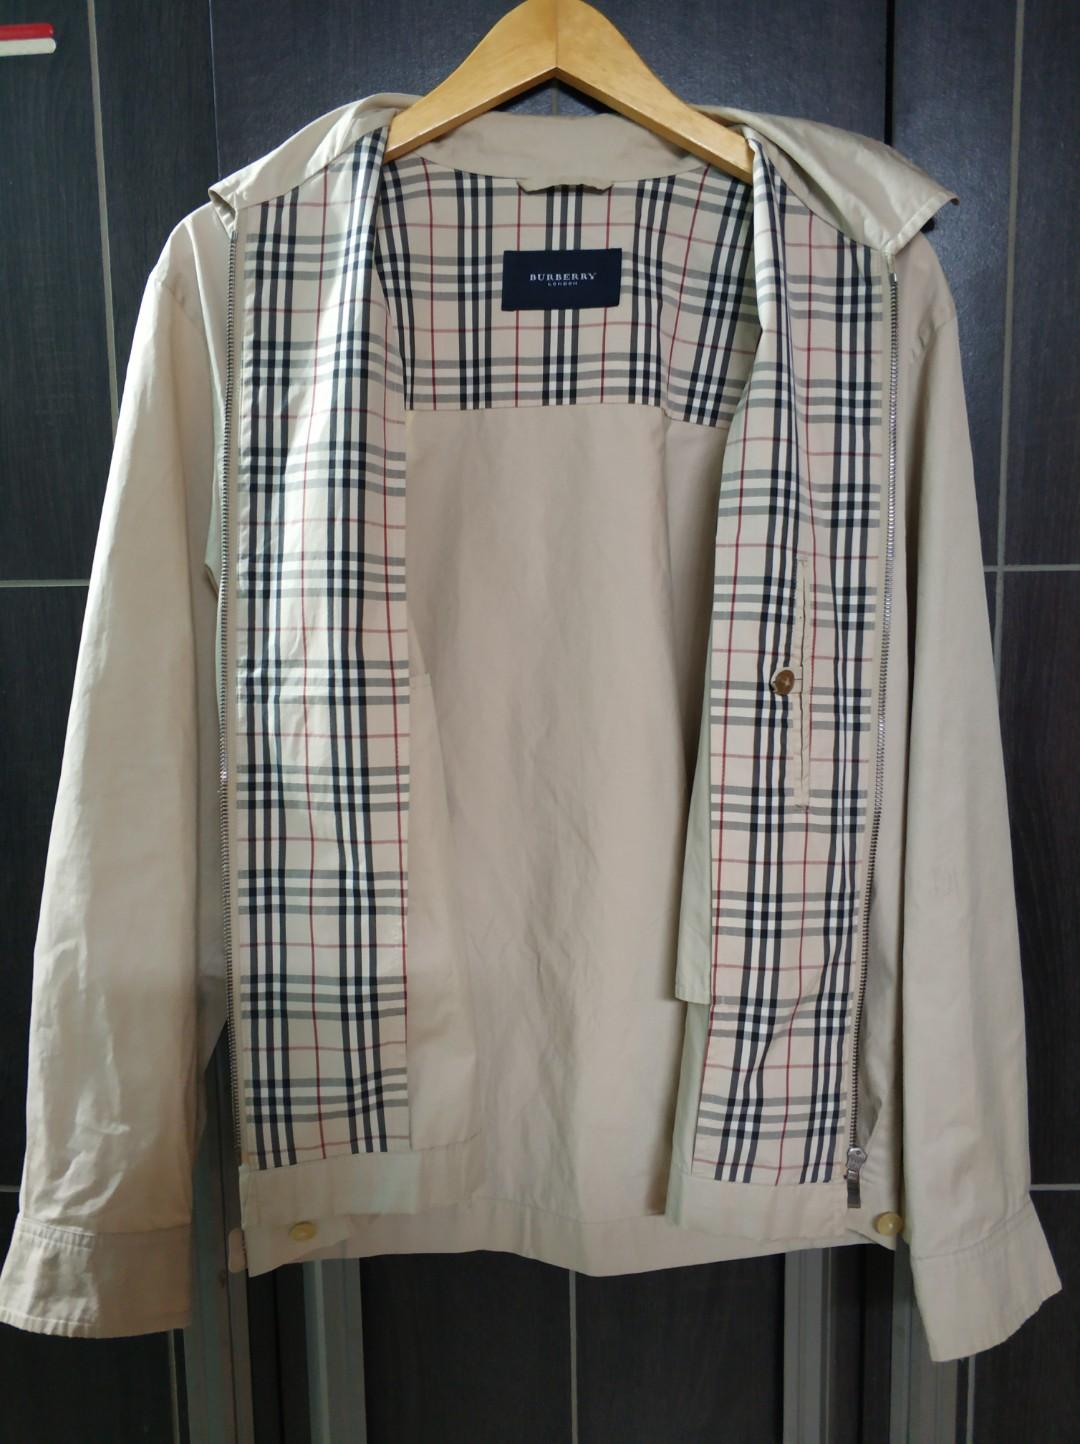 Burberry work jacket / harrington / nova / docmart